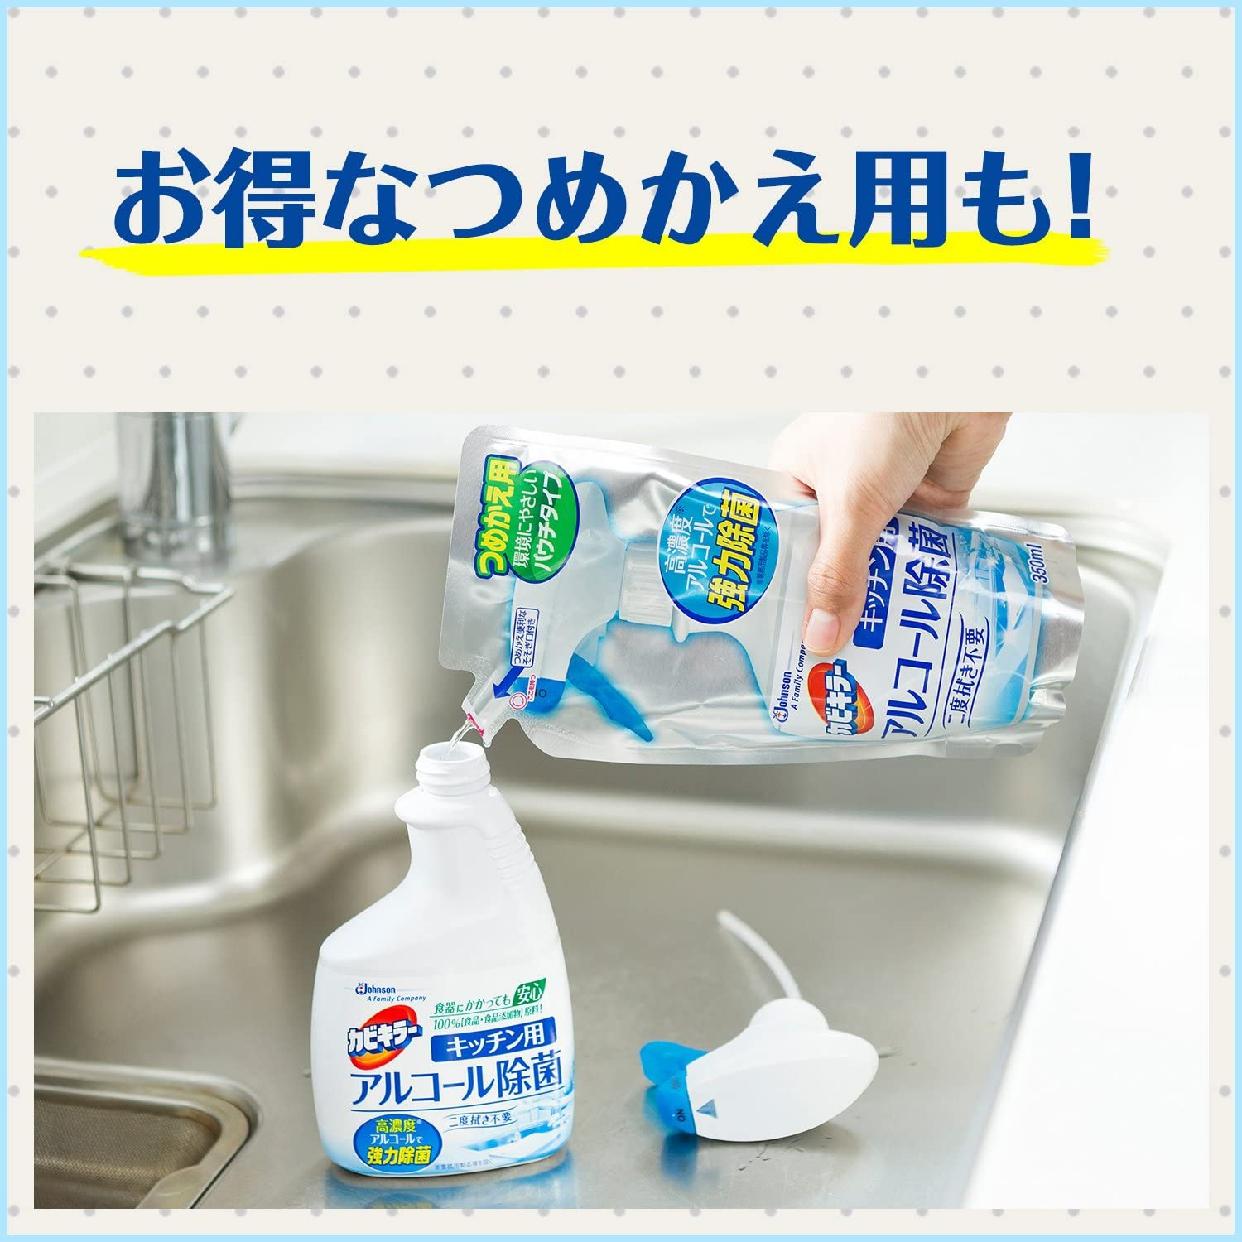 カビキラーアルコール除菌 キッチン用の商品画像5